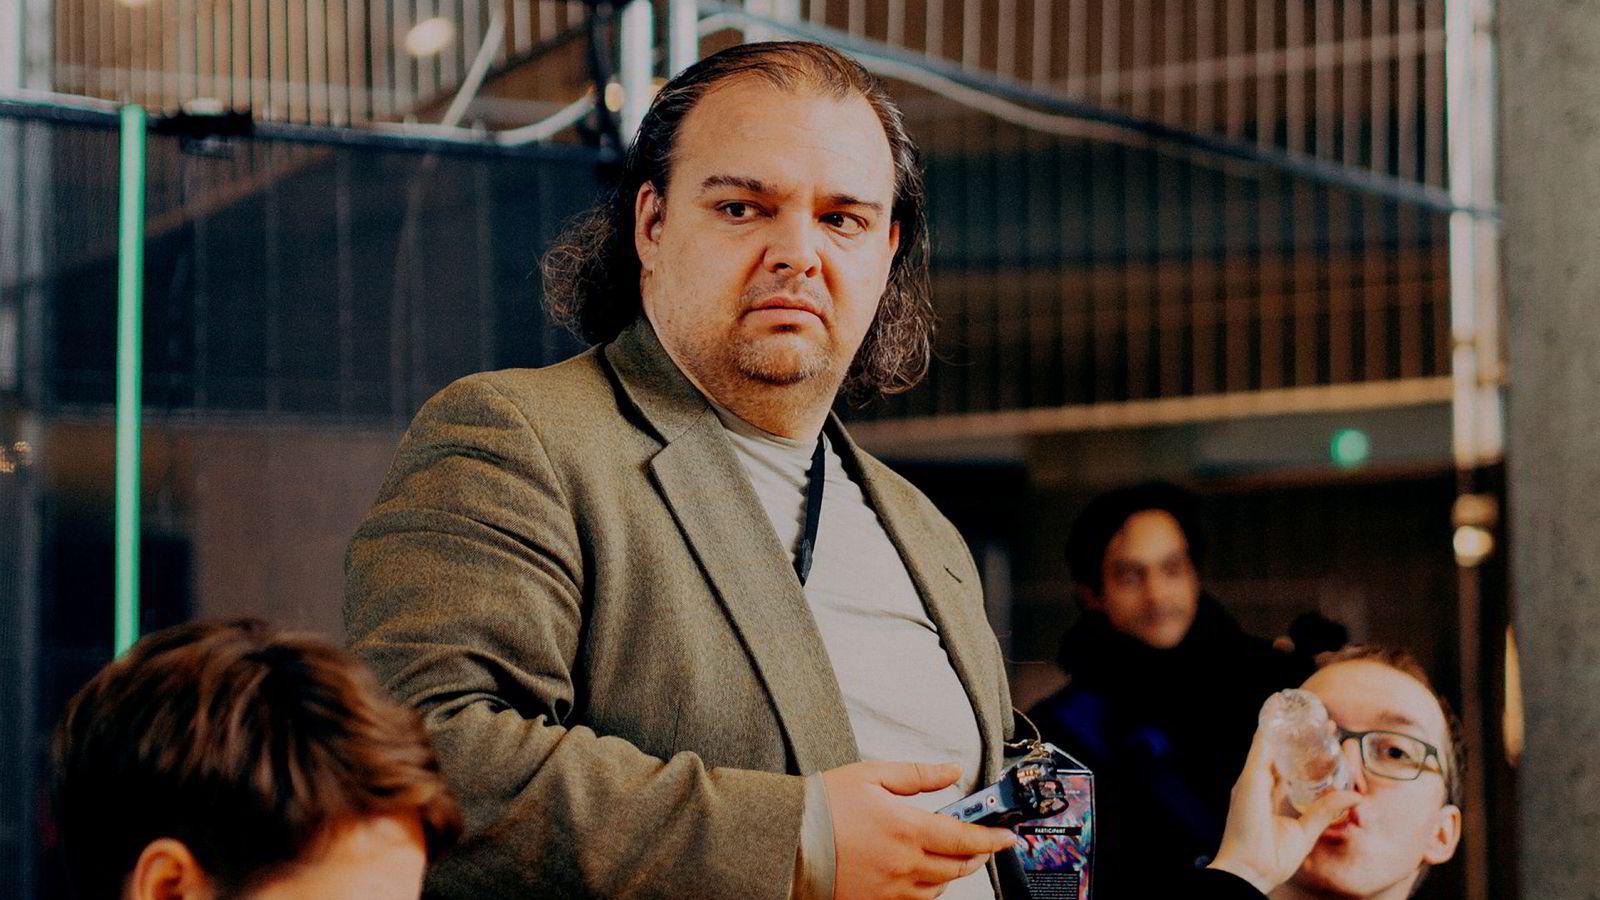 Vinay Gupta, en av grunnleggerne av kryptovalutaen ethereum, sier folk i den rike del av verden må innse at de ikke kan fortsette å leve som i dag.